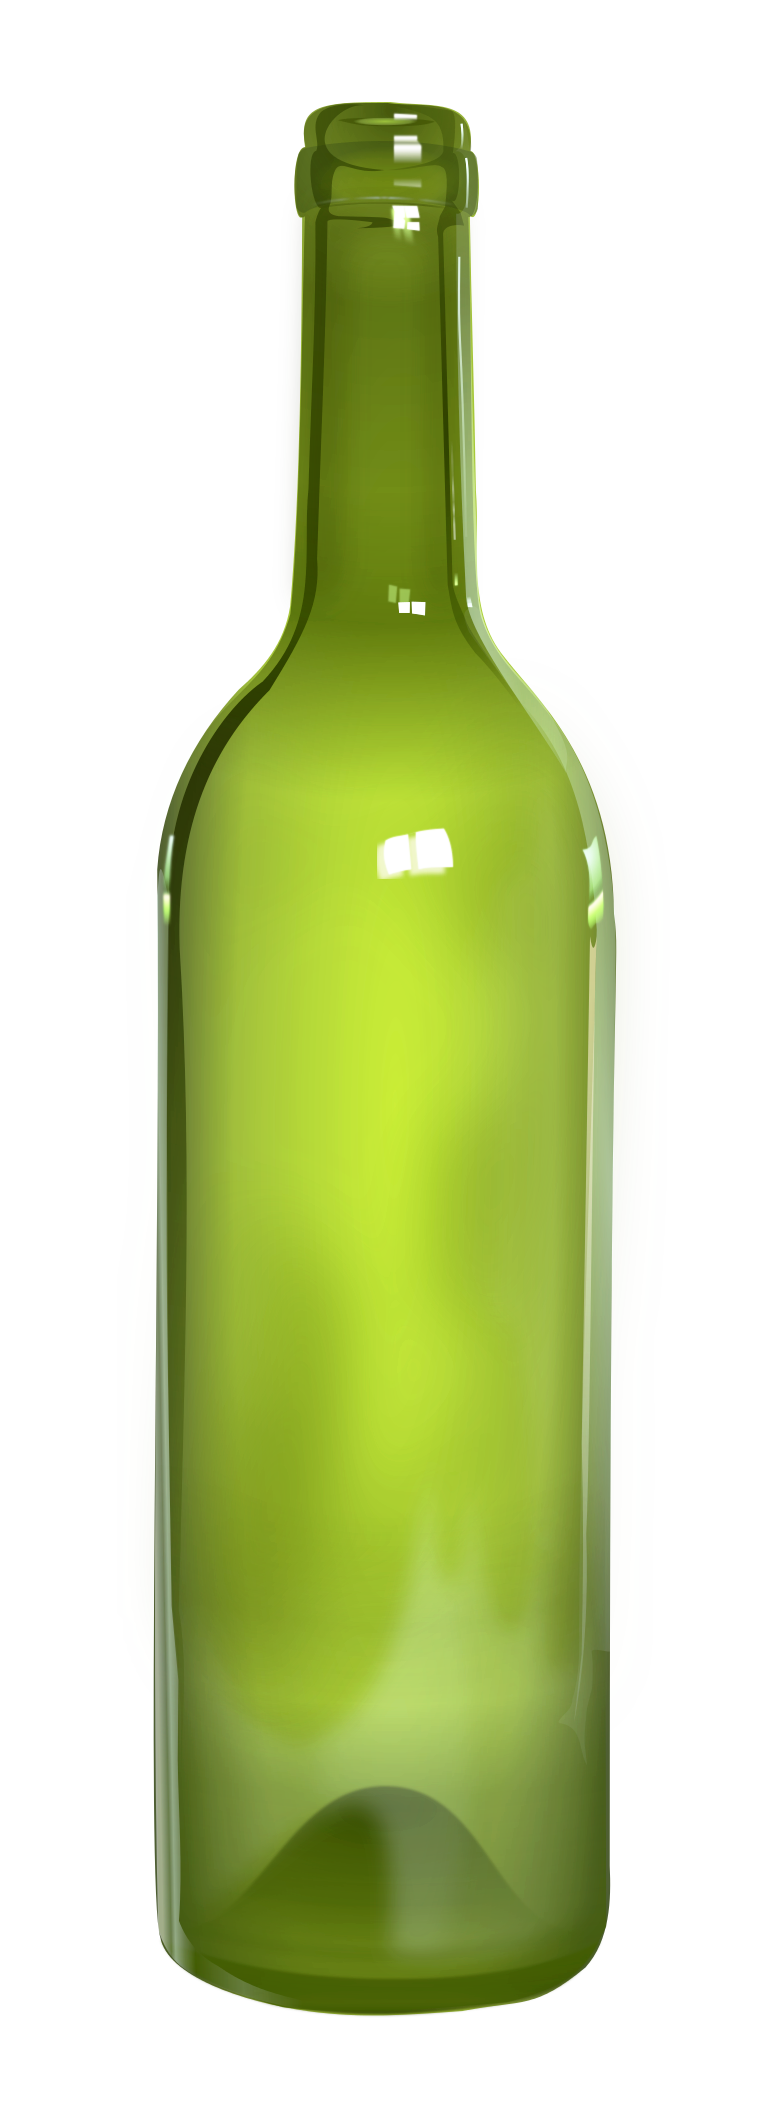 Bottle PNG-PlusPNG.com-768 - Bottle PNG